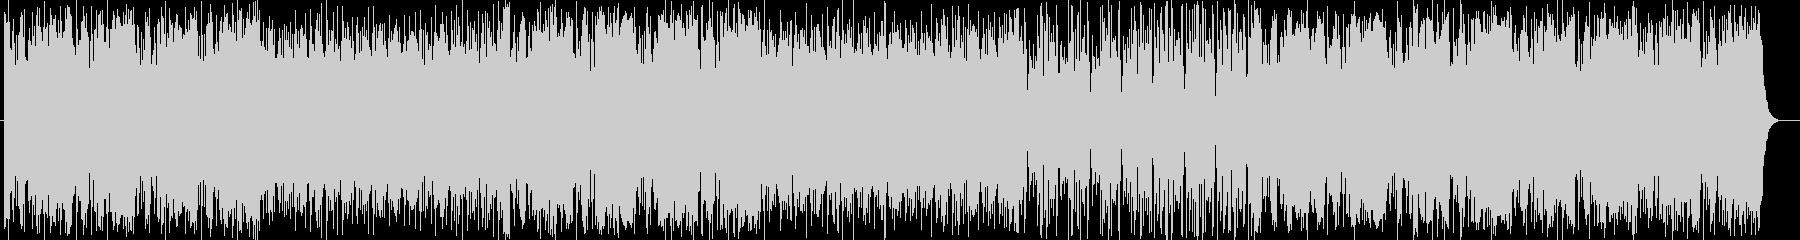 インパクトあるアップテンポな曲の未再生の波形